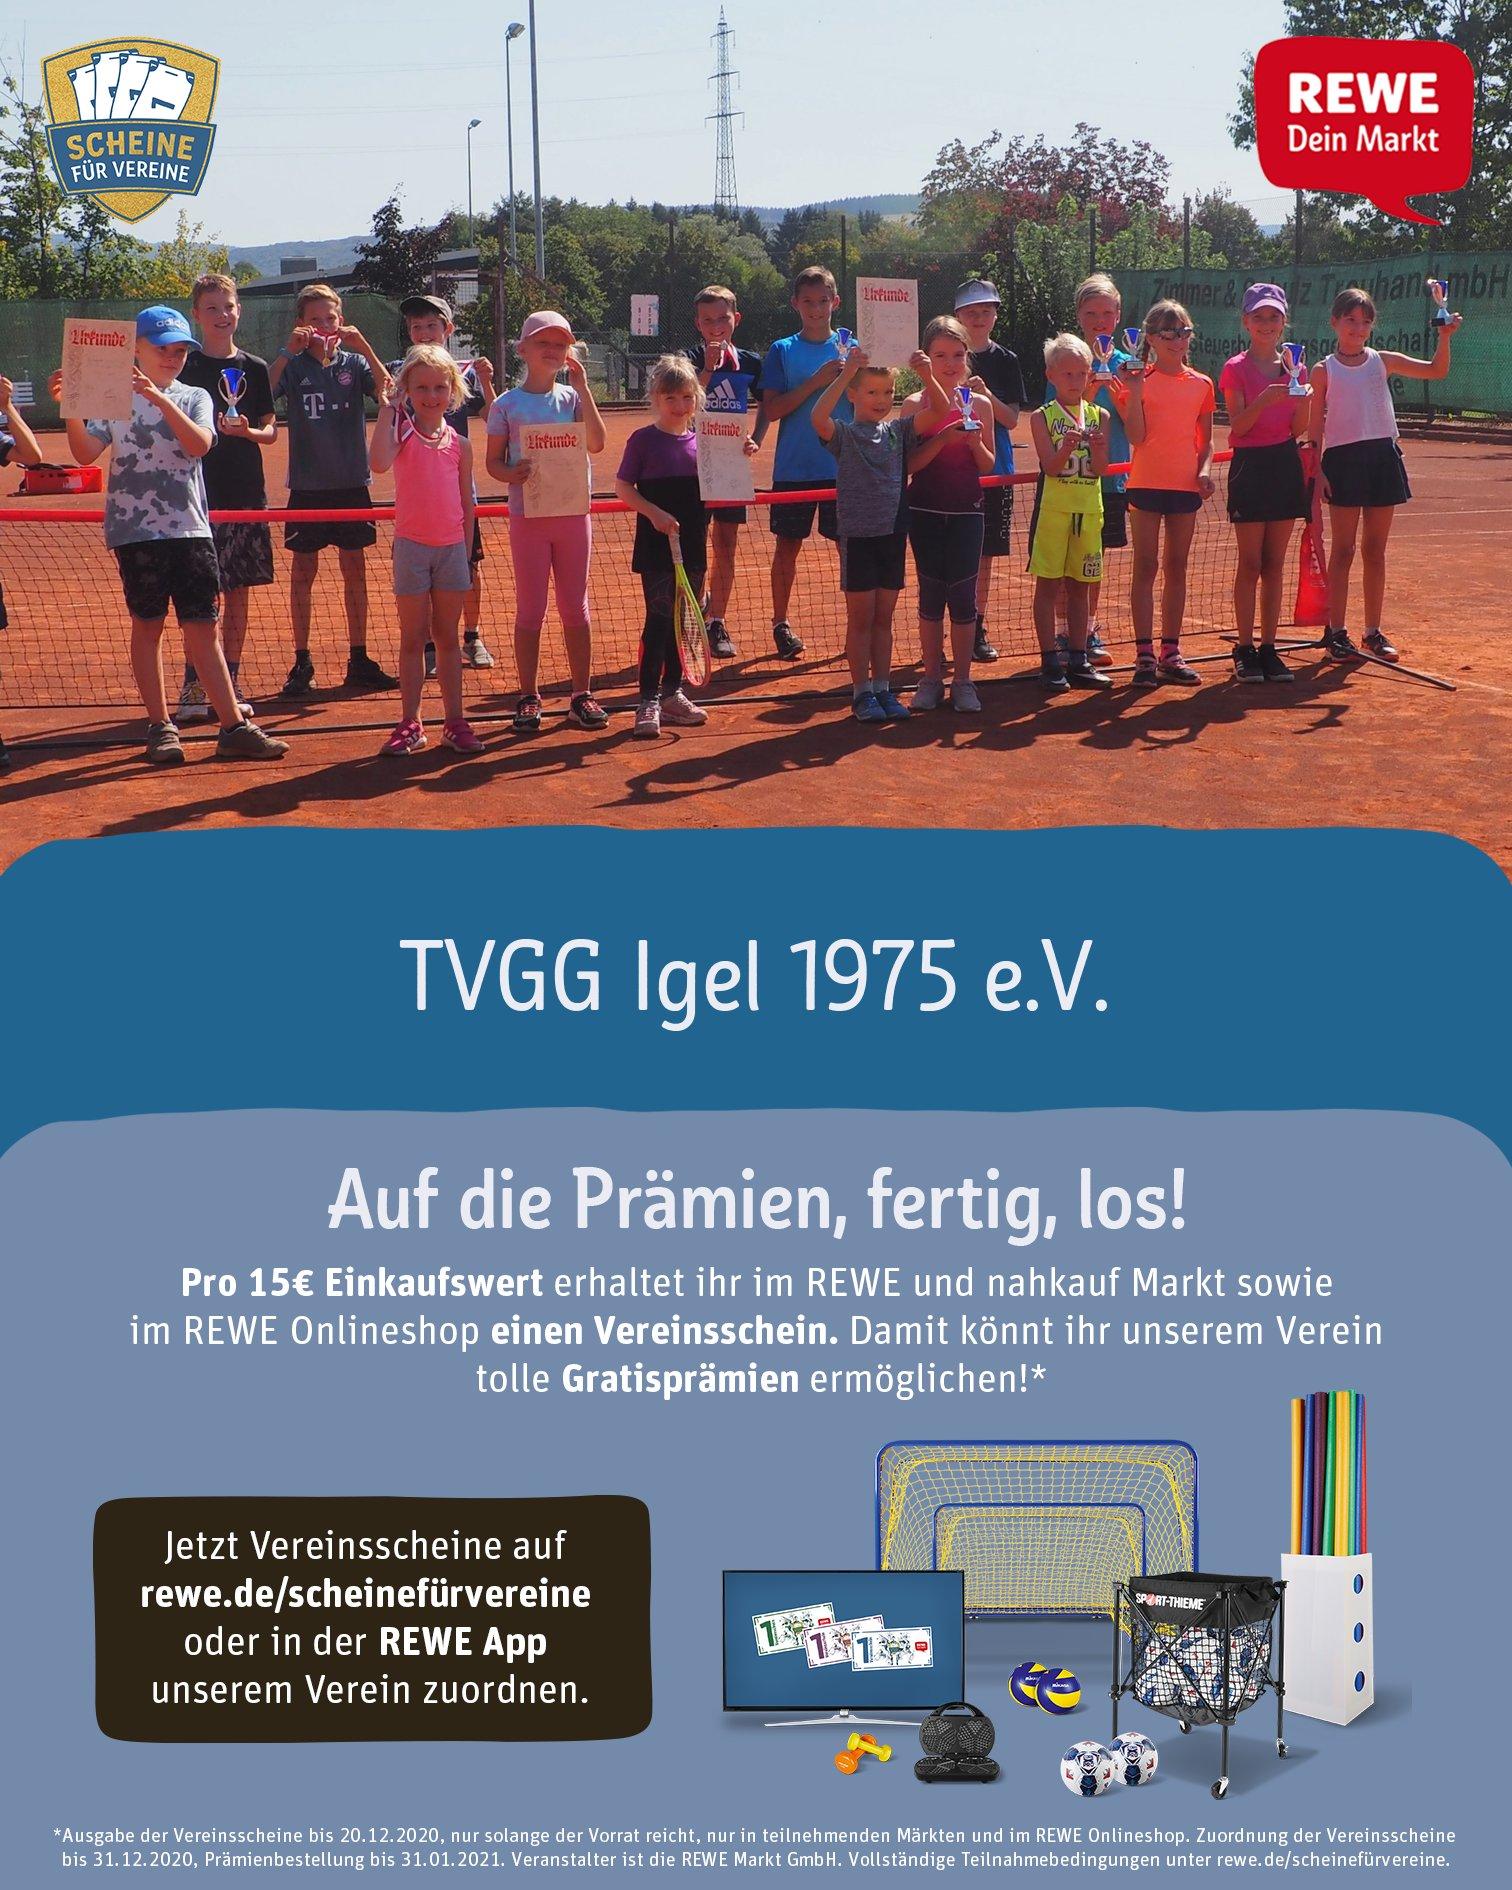 Scheine für Vereine_TVGG Igel